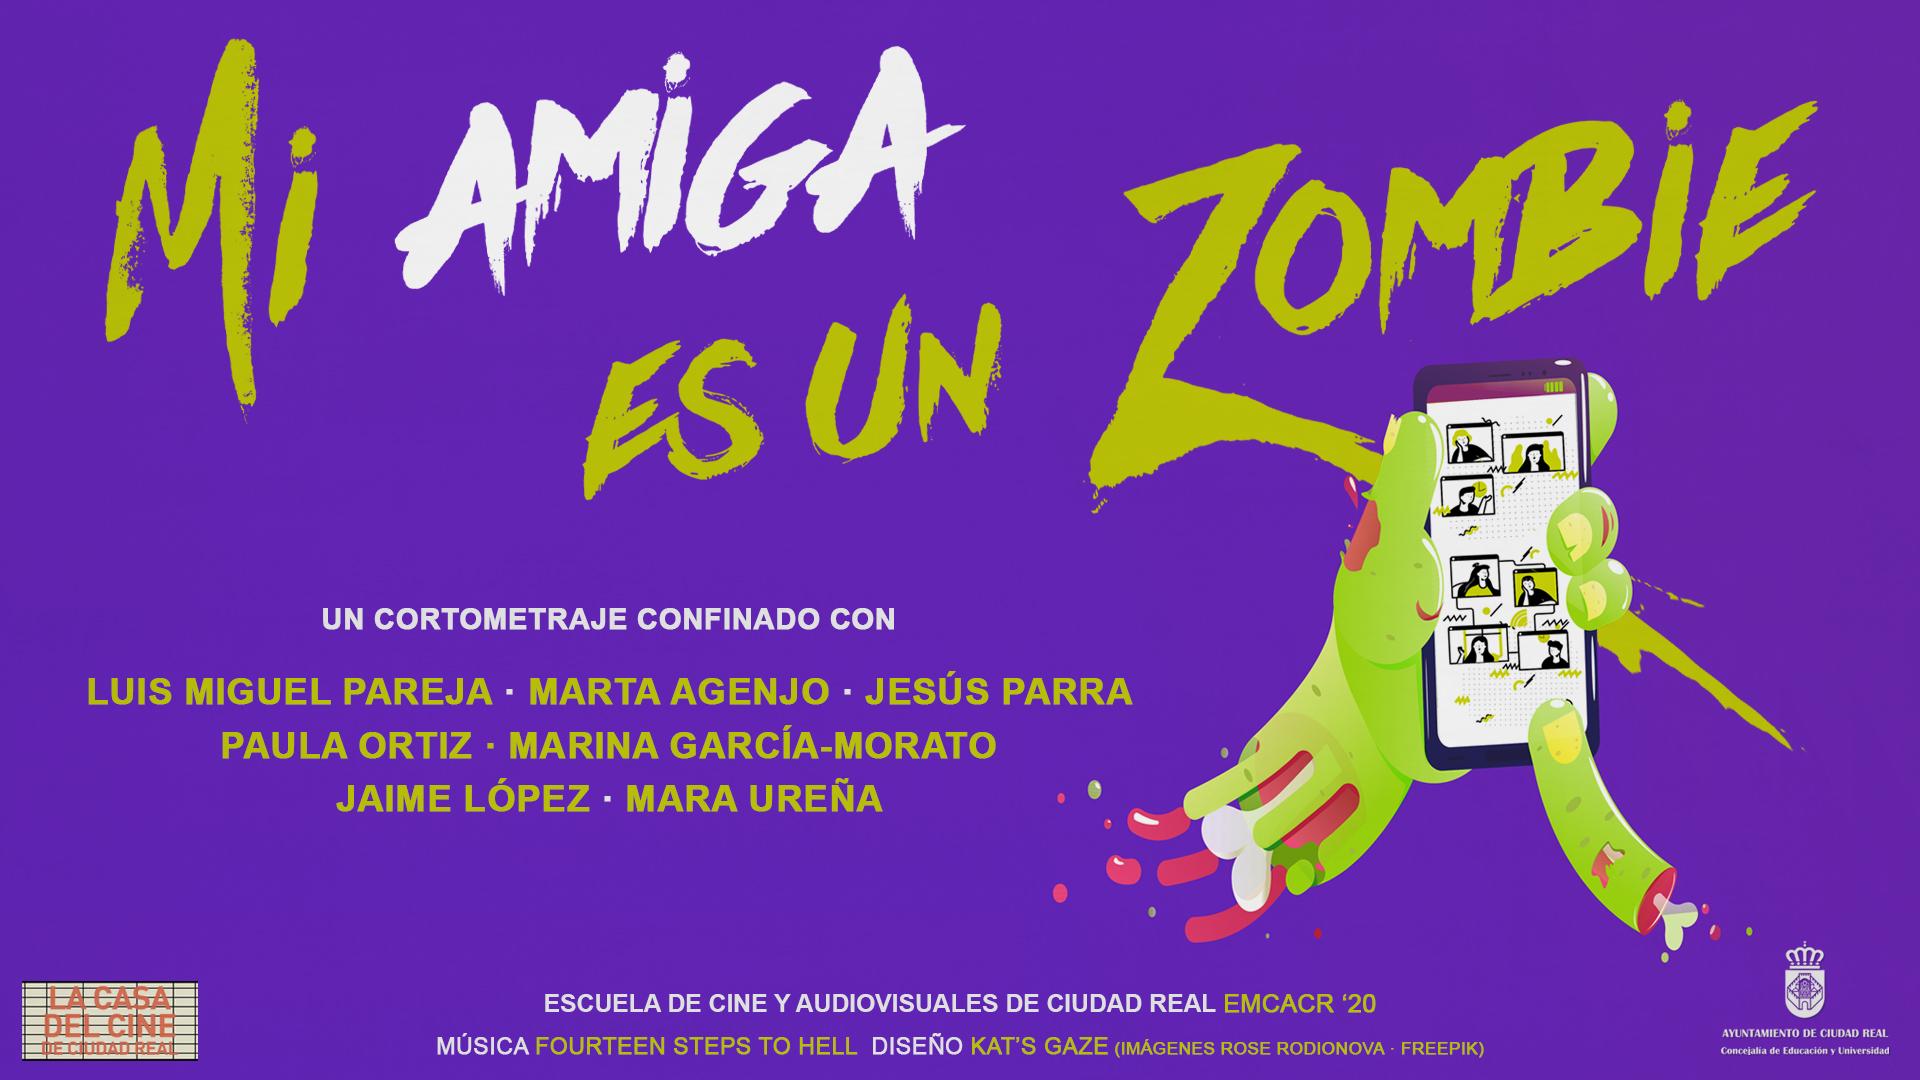 Mi amiga es un zombie || Proyectos Confinados #EMCACR '19-20